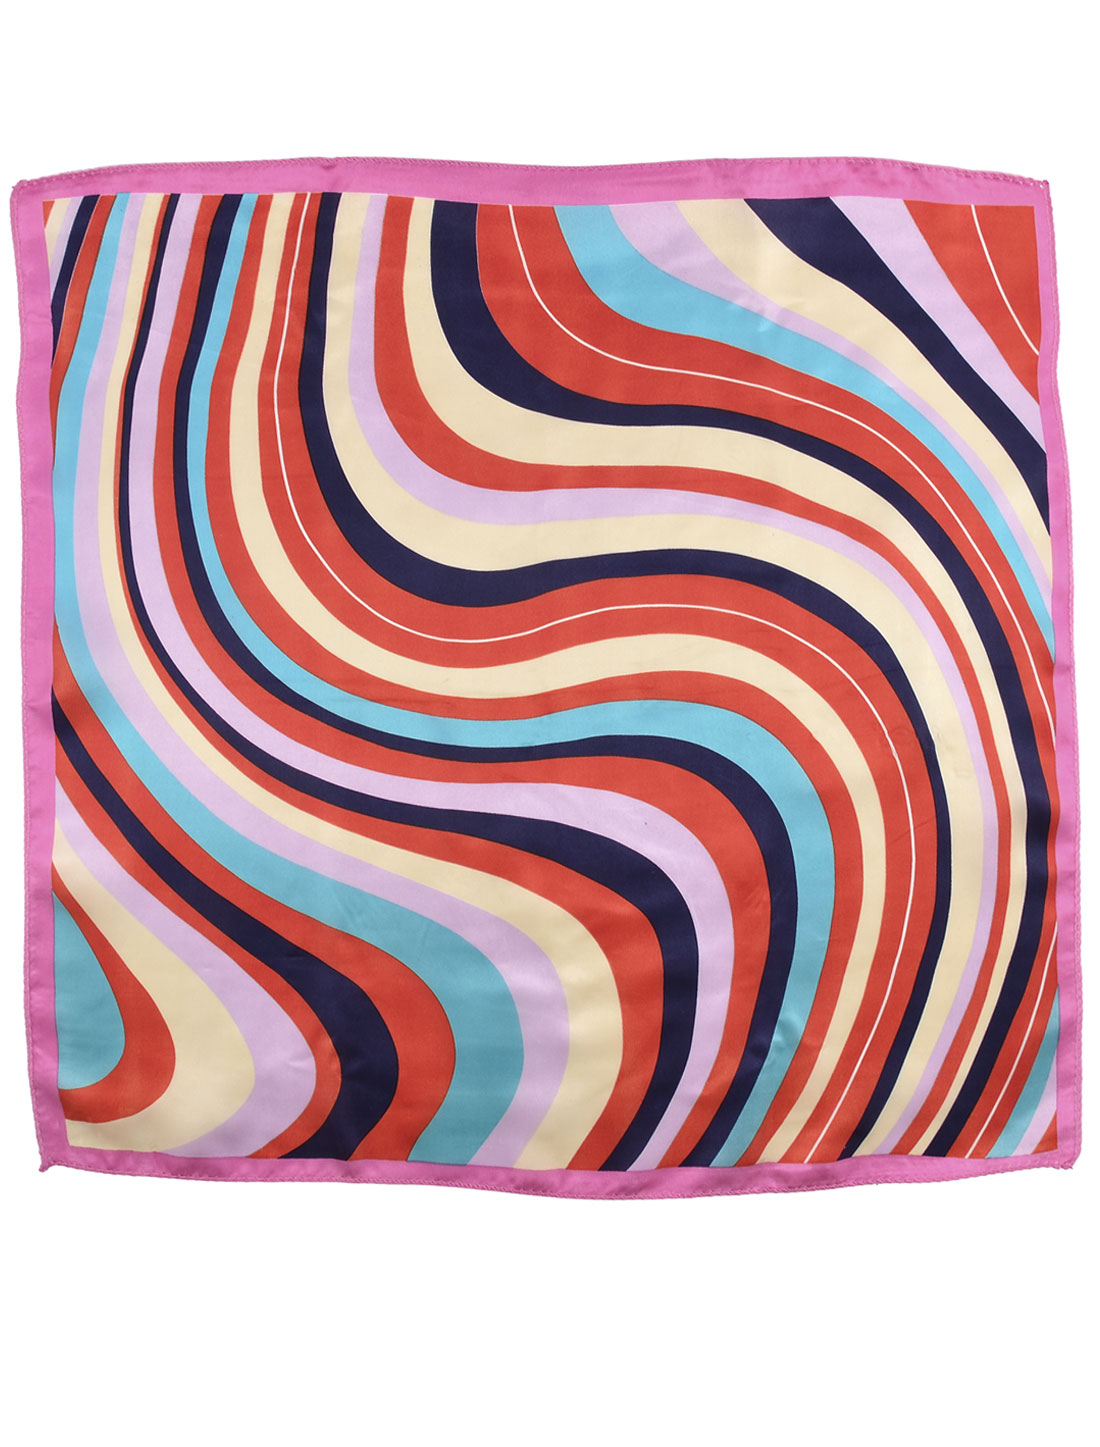 Stewardess Waitress Polyester Square Scarf Neckerchief Wrap Shawl 51cm x 51cm